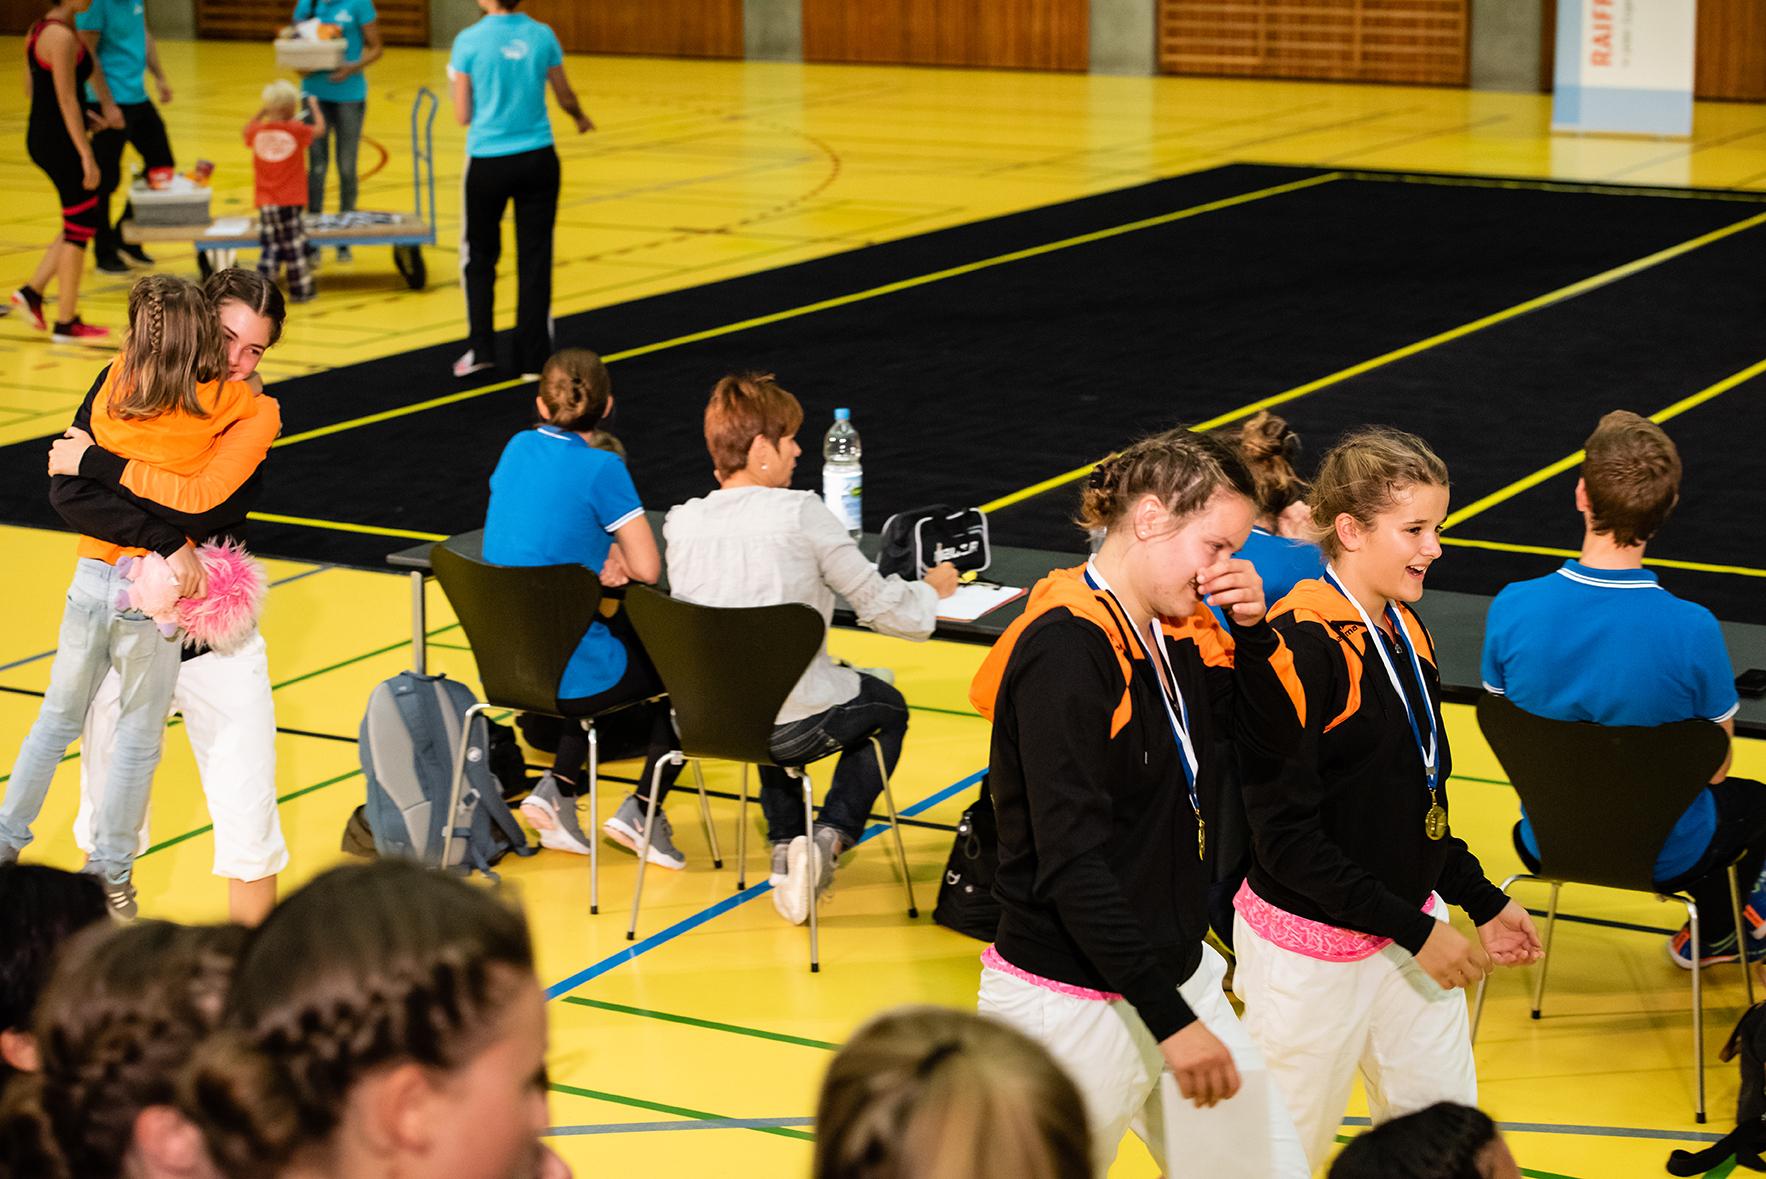 Foto_Römmel_DSC_3070